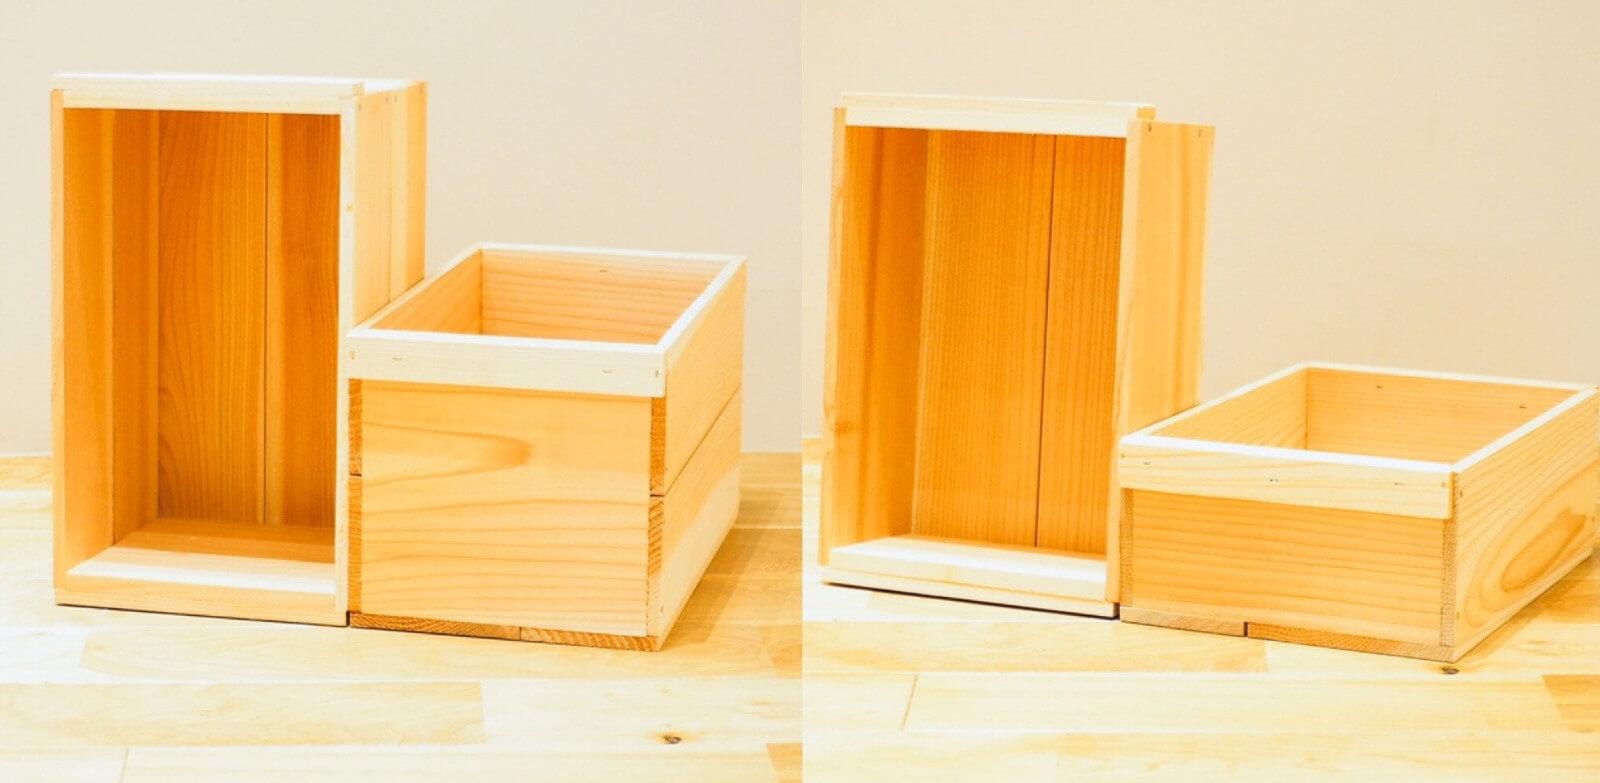 やさい箱(写真左) : 380×220×210 / 330×200×200 オリジナル木箱 (写真右): 340×230×120 / 290×210×110 ※外寸(横×奥行き×高さ) / 内寸(横×奥行き×高さ)